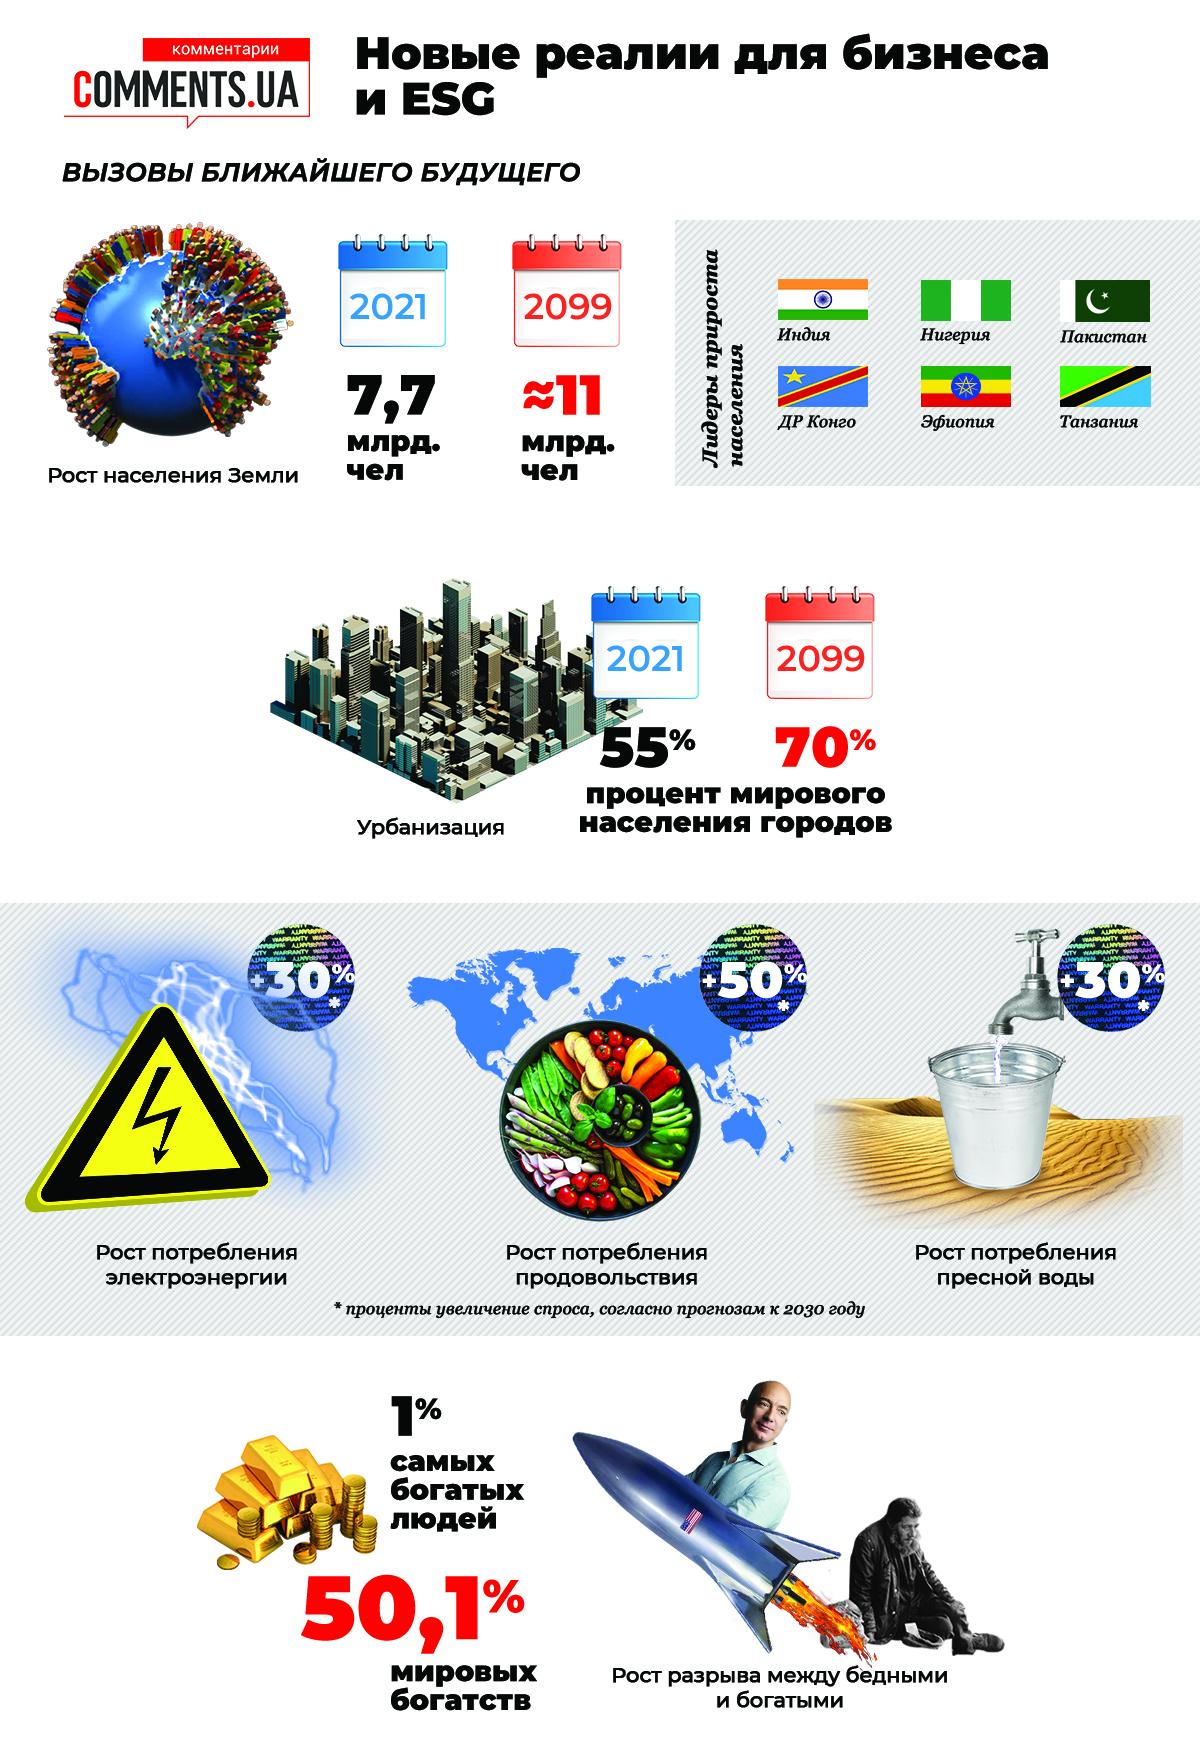 Нові реалії для бізнесу: що таке ESG і як воно впливає на результати фінансової діяльності підприємств - фото 4